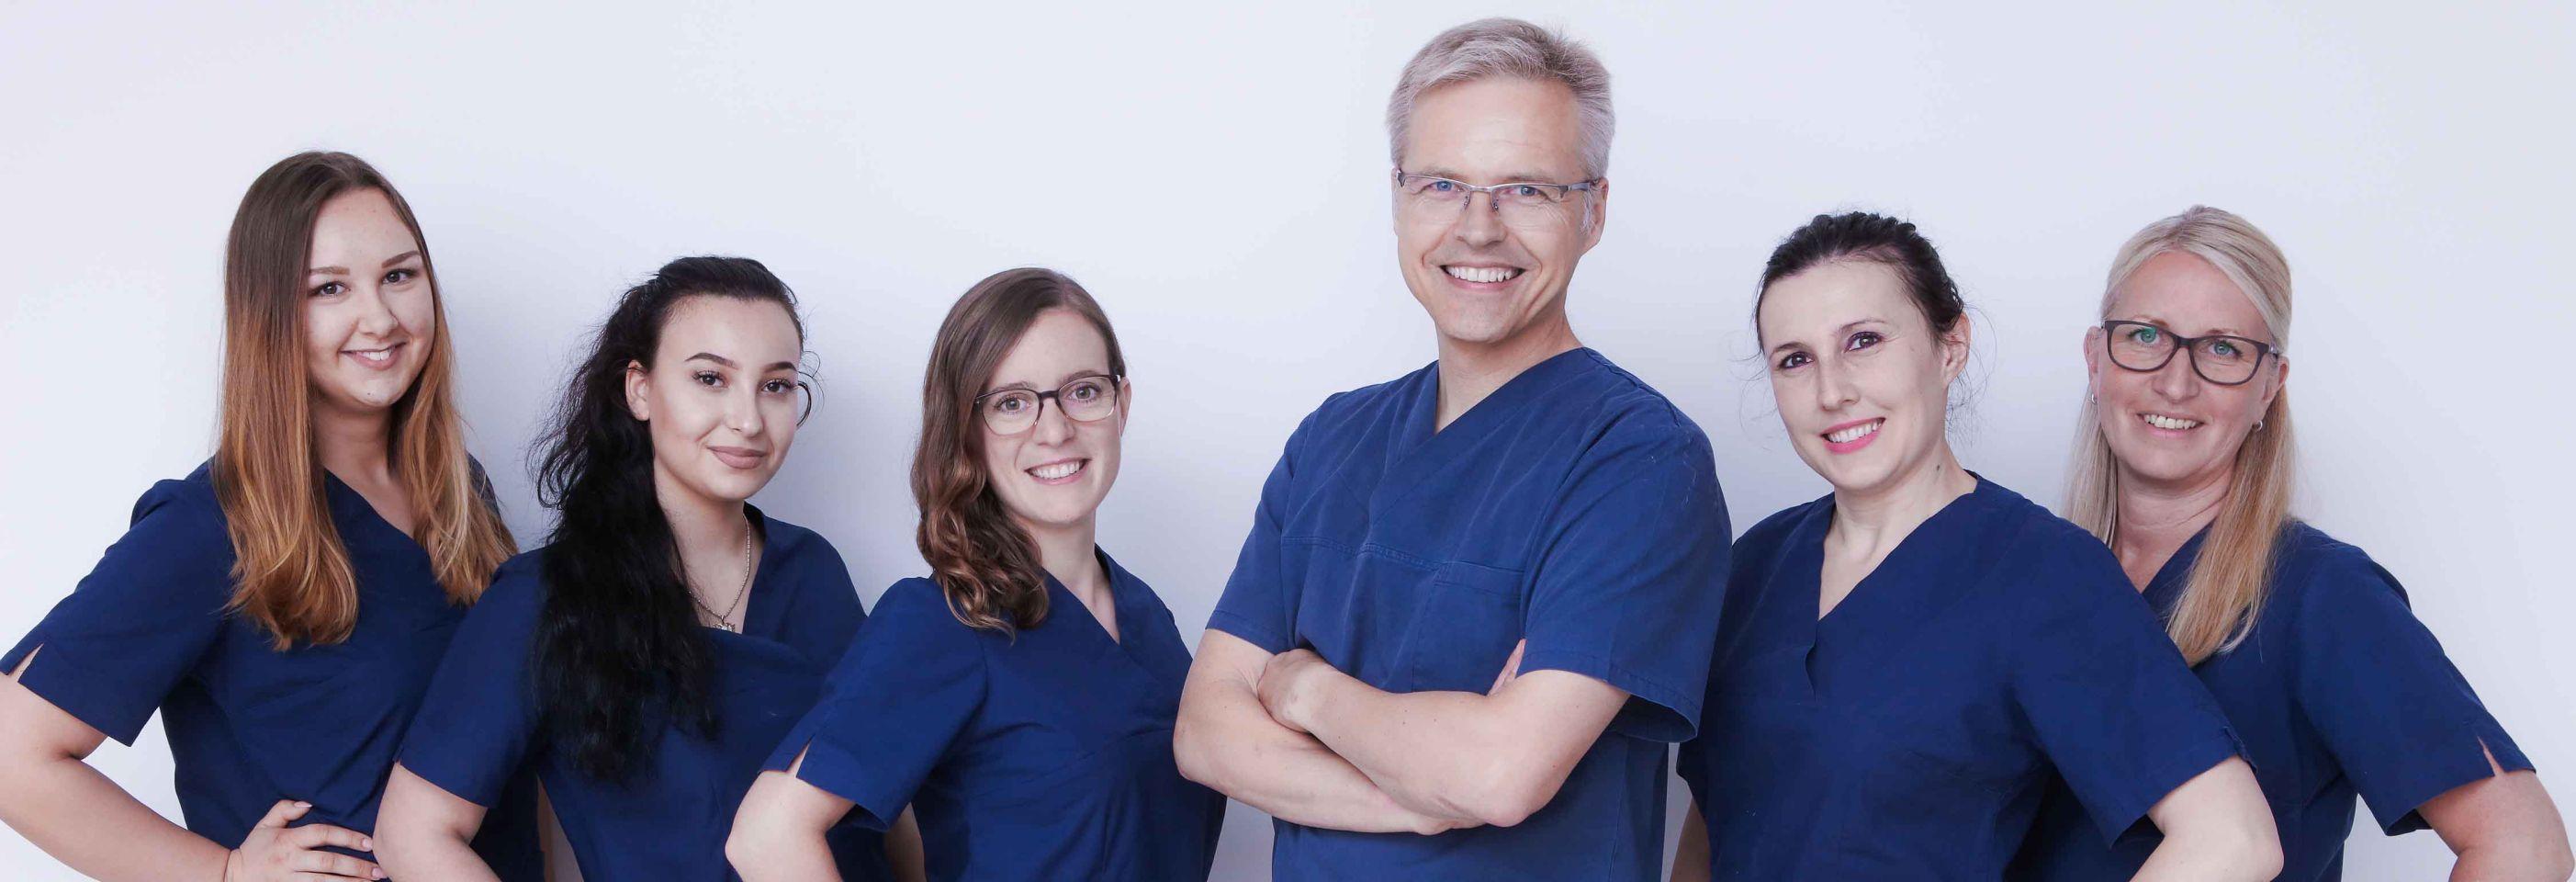 Dr. med. dent. Ulrich Saerbeck